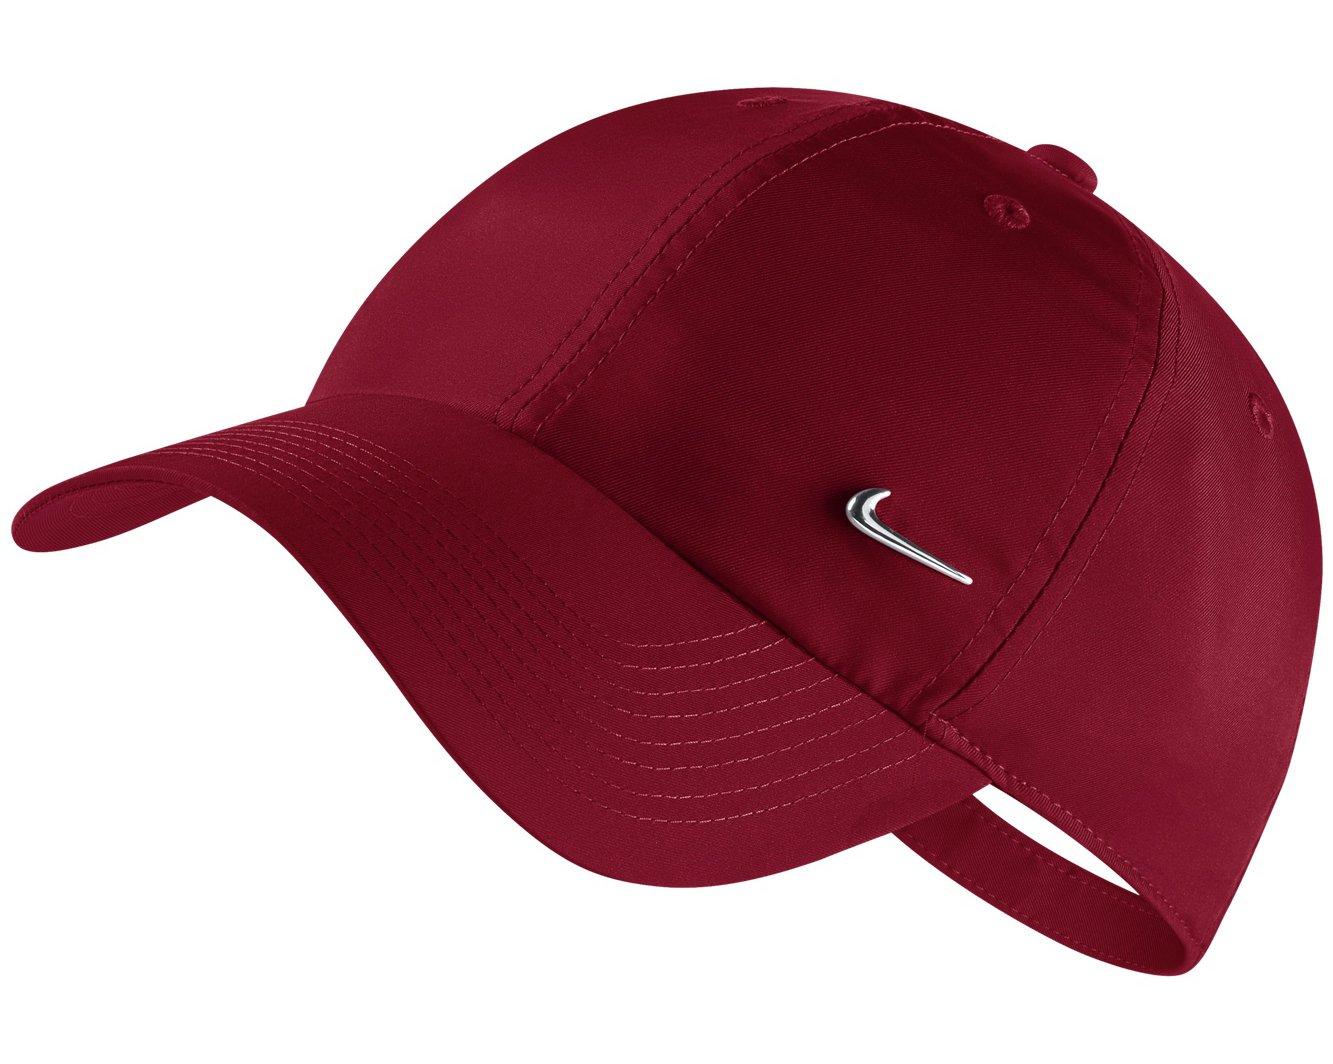 9a0c06f199a870 Am besten bewertete Produkte in der Kategorie Kopfbedeckungen für ...